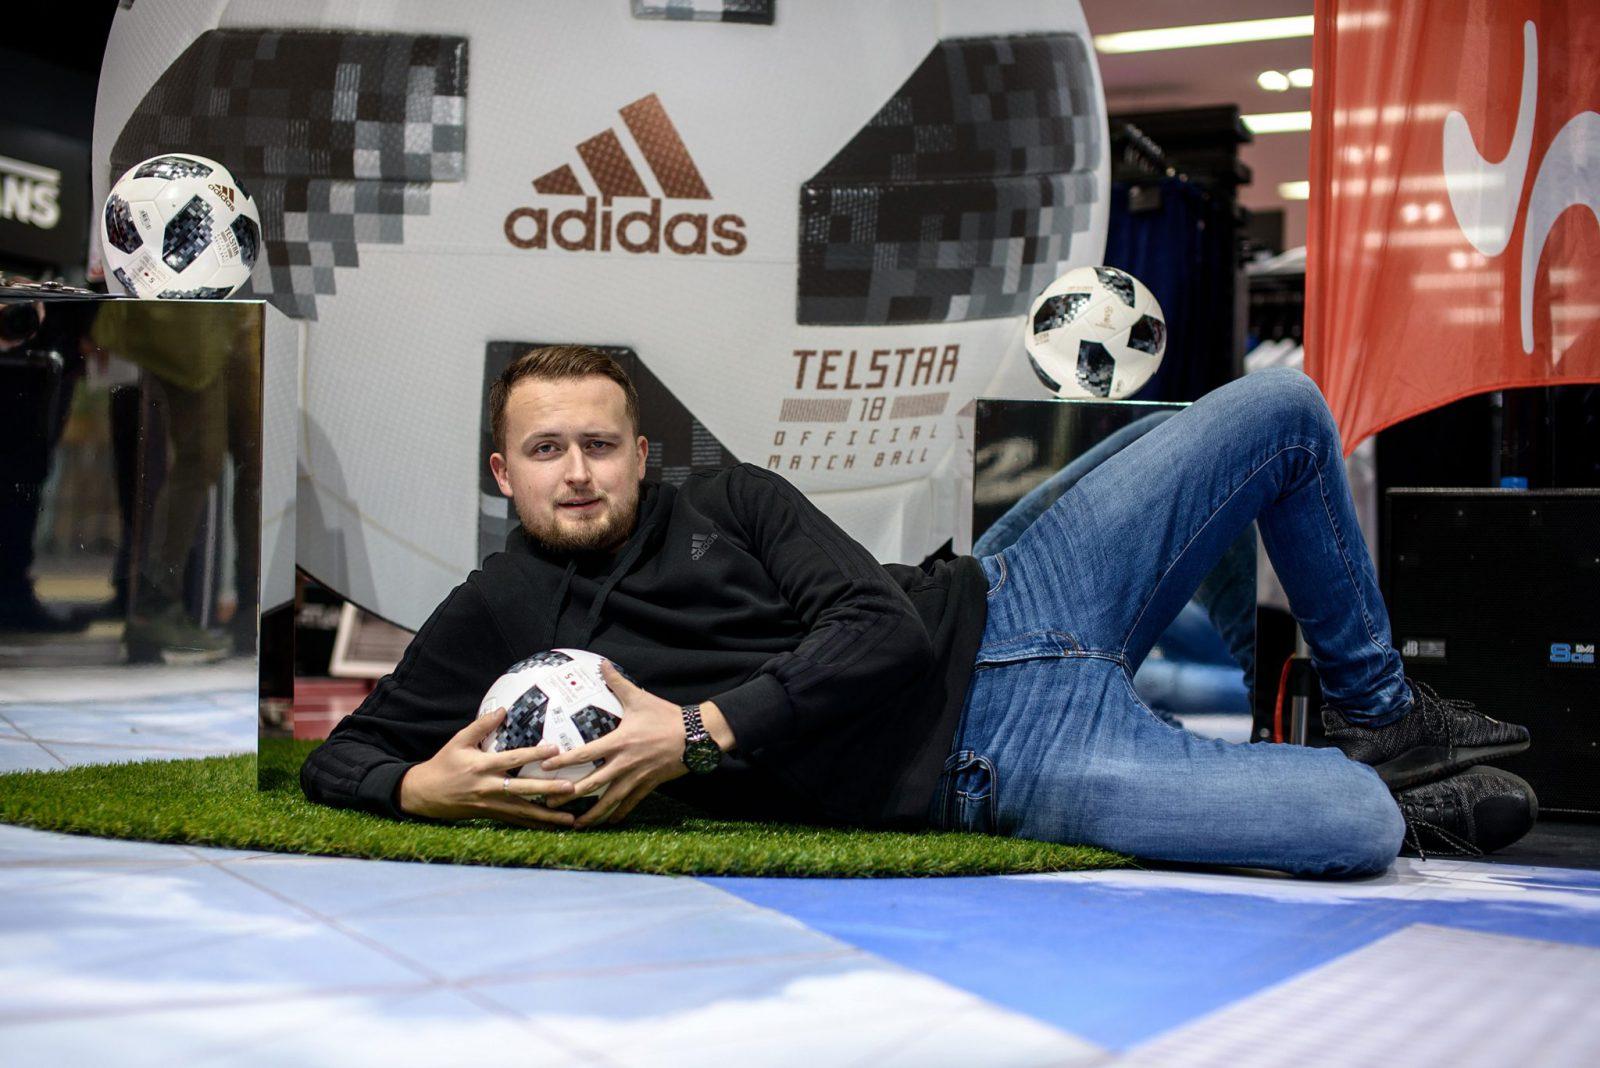 Čia tavo Lietuva - Aktualijos - Pasaulis - Mokslas - Technologijos -  Sportas - Sveikata - Eismas